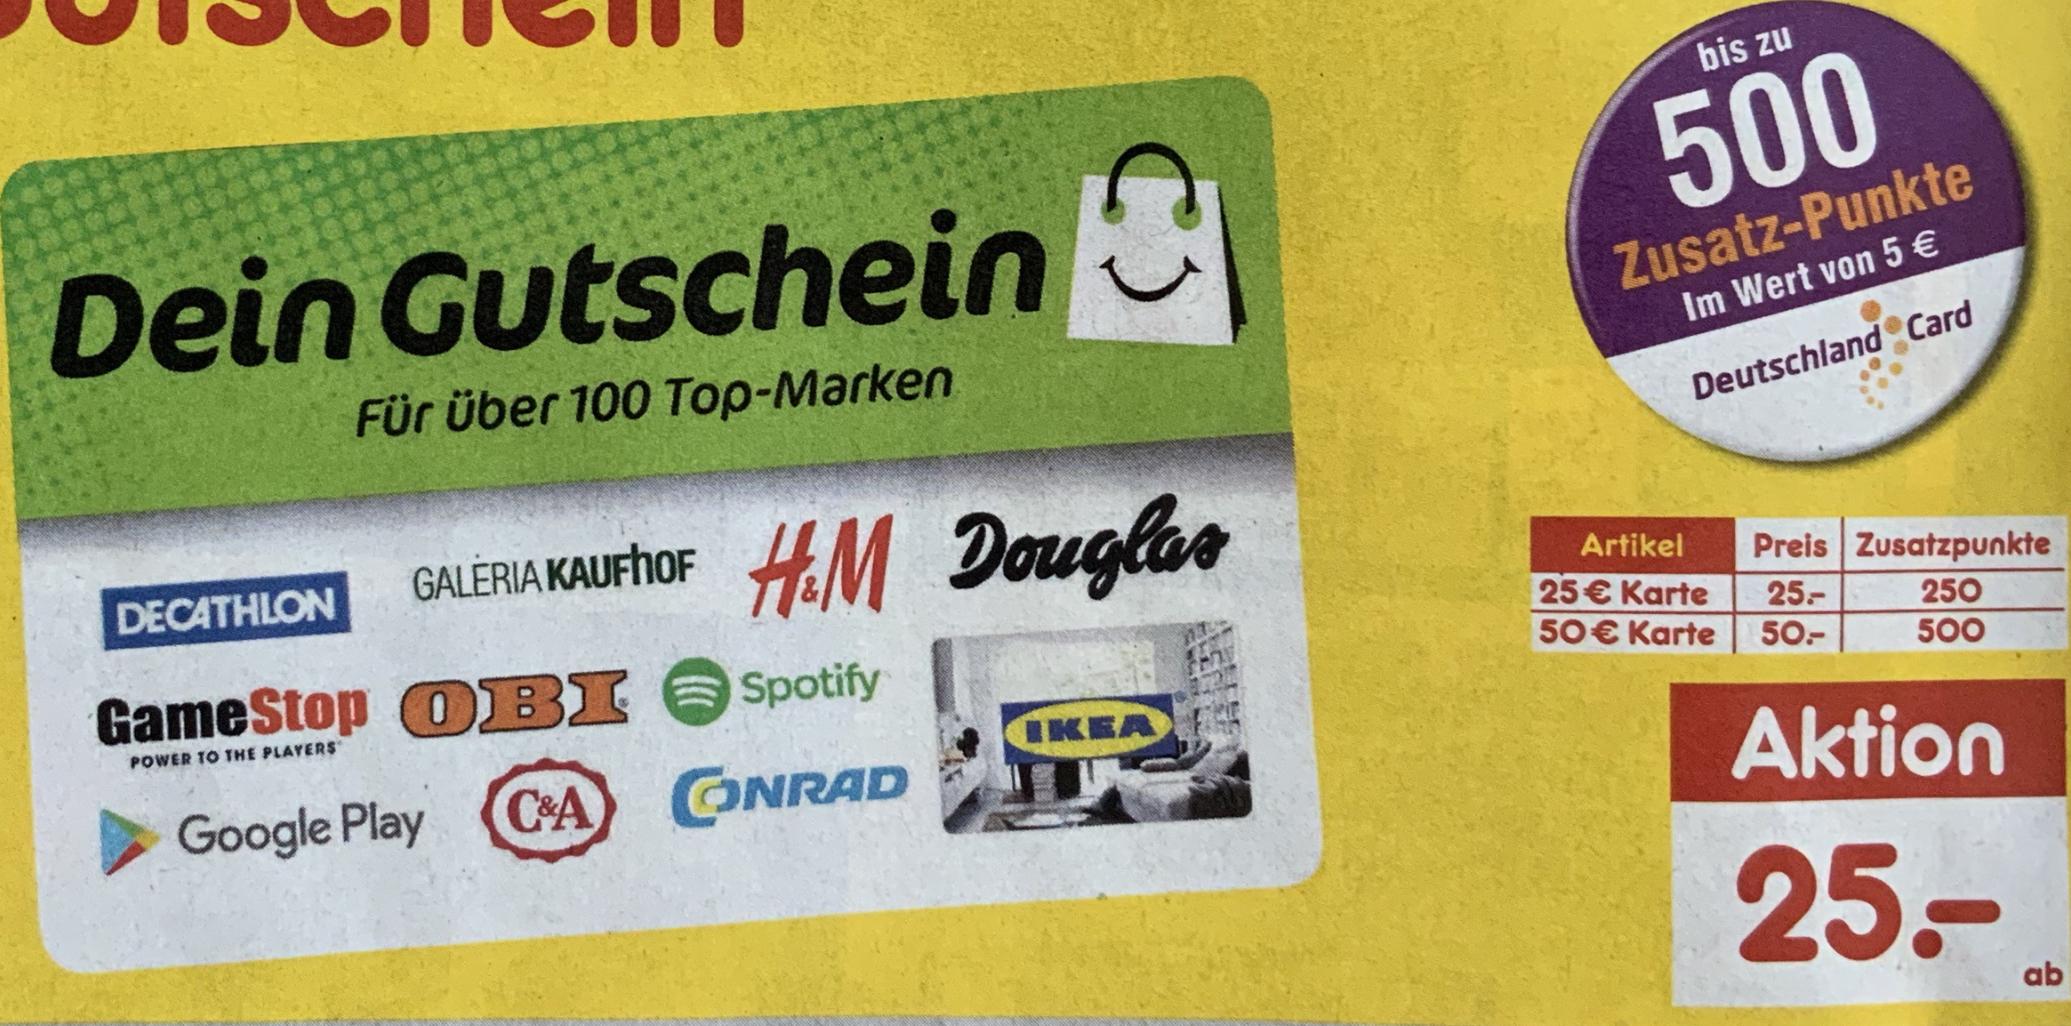 Netto MD: DeinGutschein 500 bzw. 250 DeutschlandCard Punkte auf die 50€ bzw. 25€ Karte - entspricht 10% Cashback